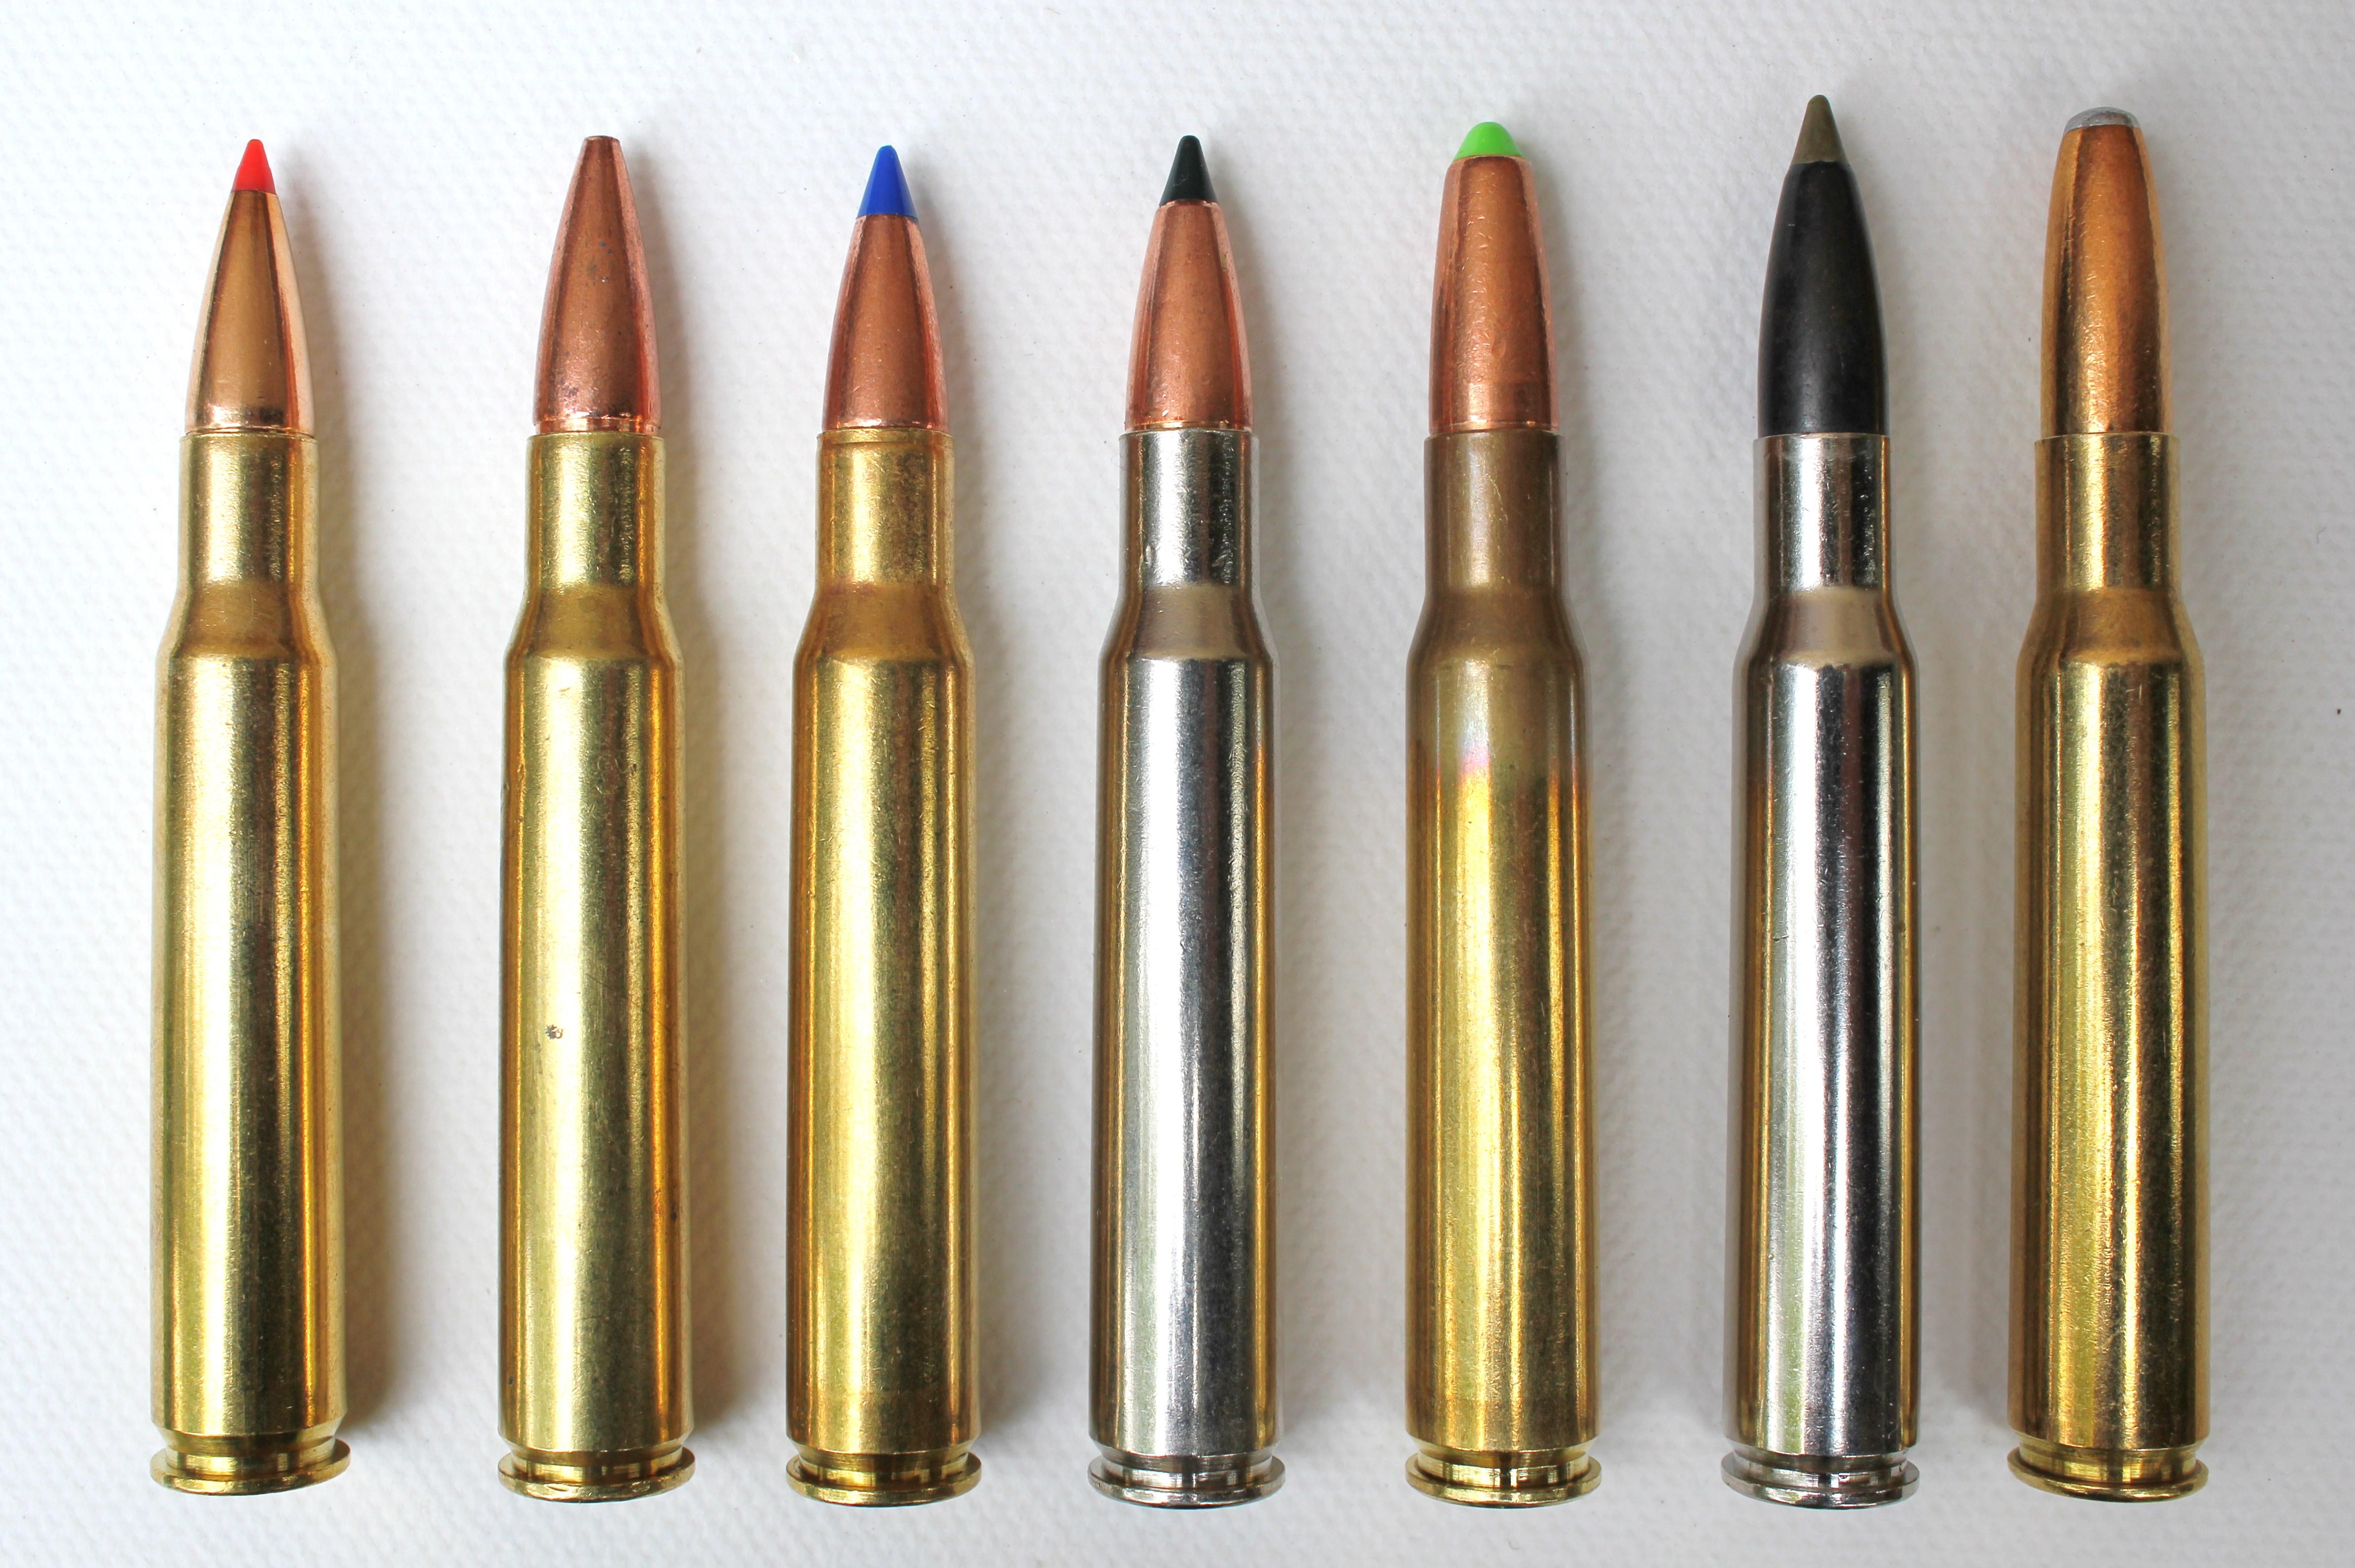 kaliber bleifrei munition geschoss